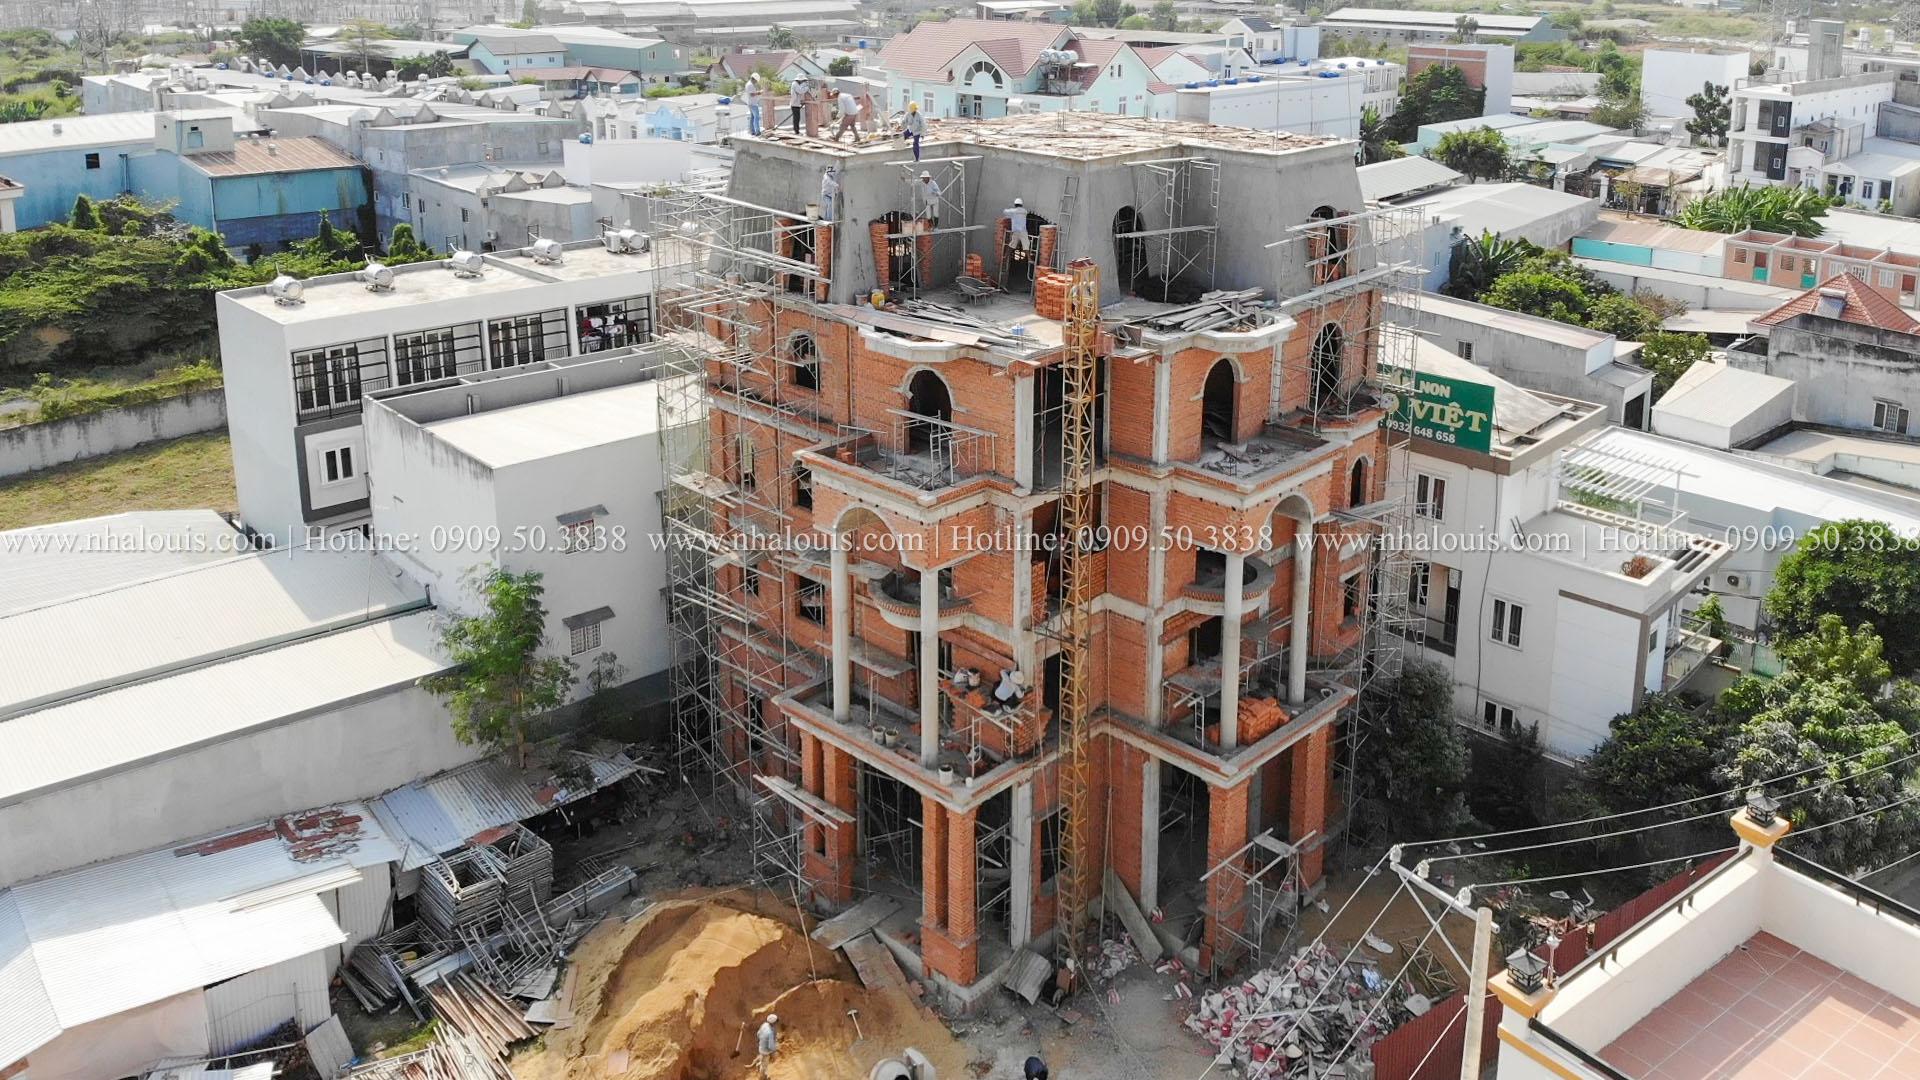 Hình ảnh đổ bê tông mái biệt thự hoàn tất